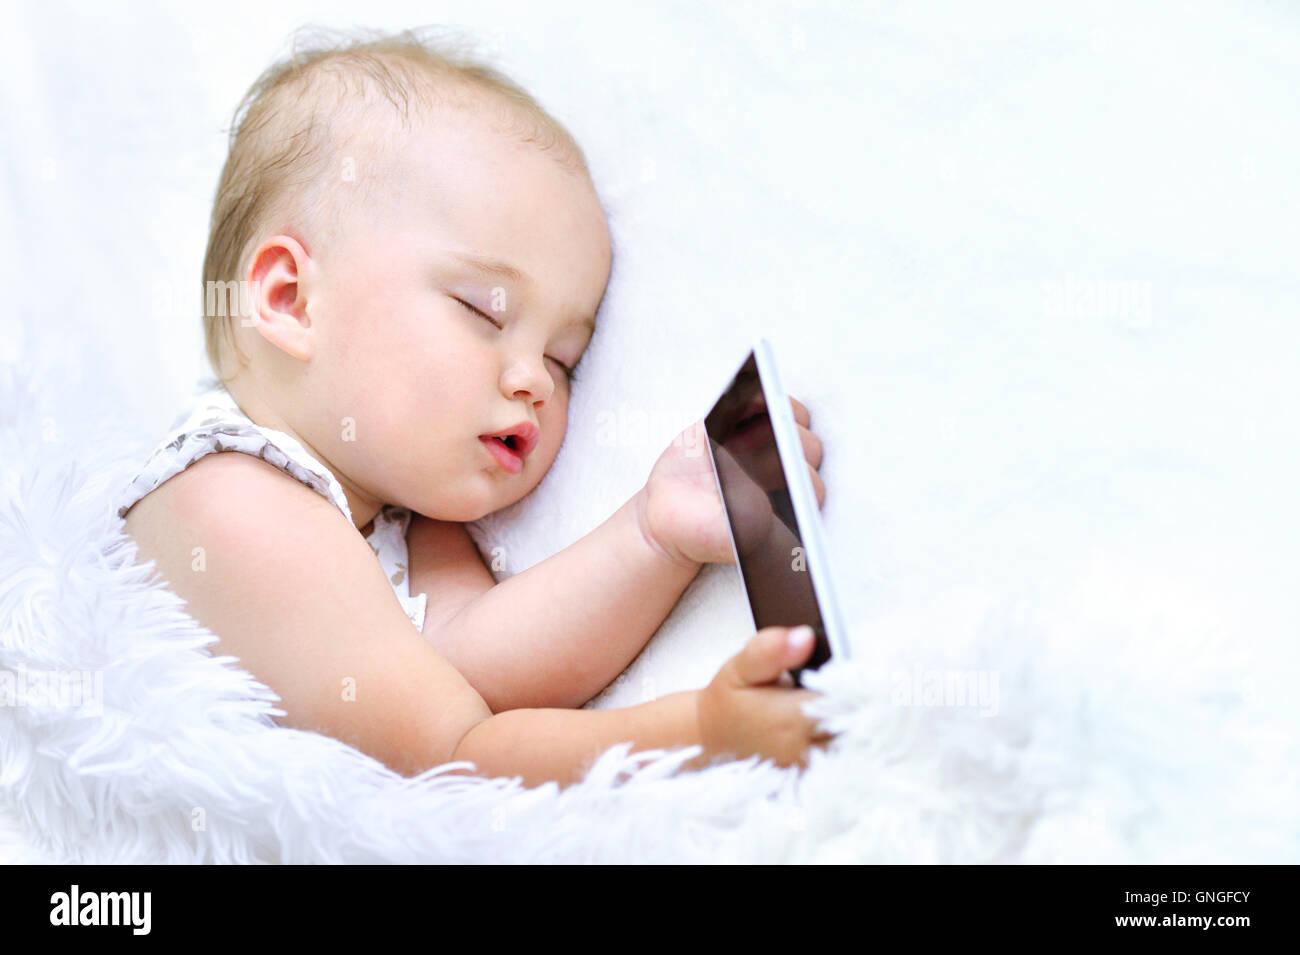 Cute Sleeping Baby Girl Stock Photo Alamy